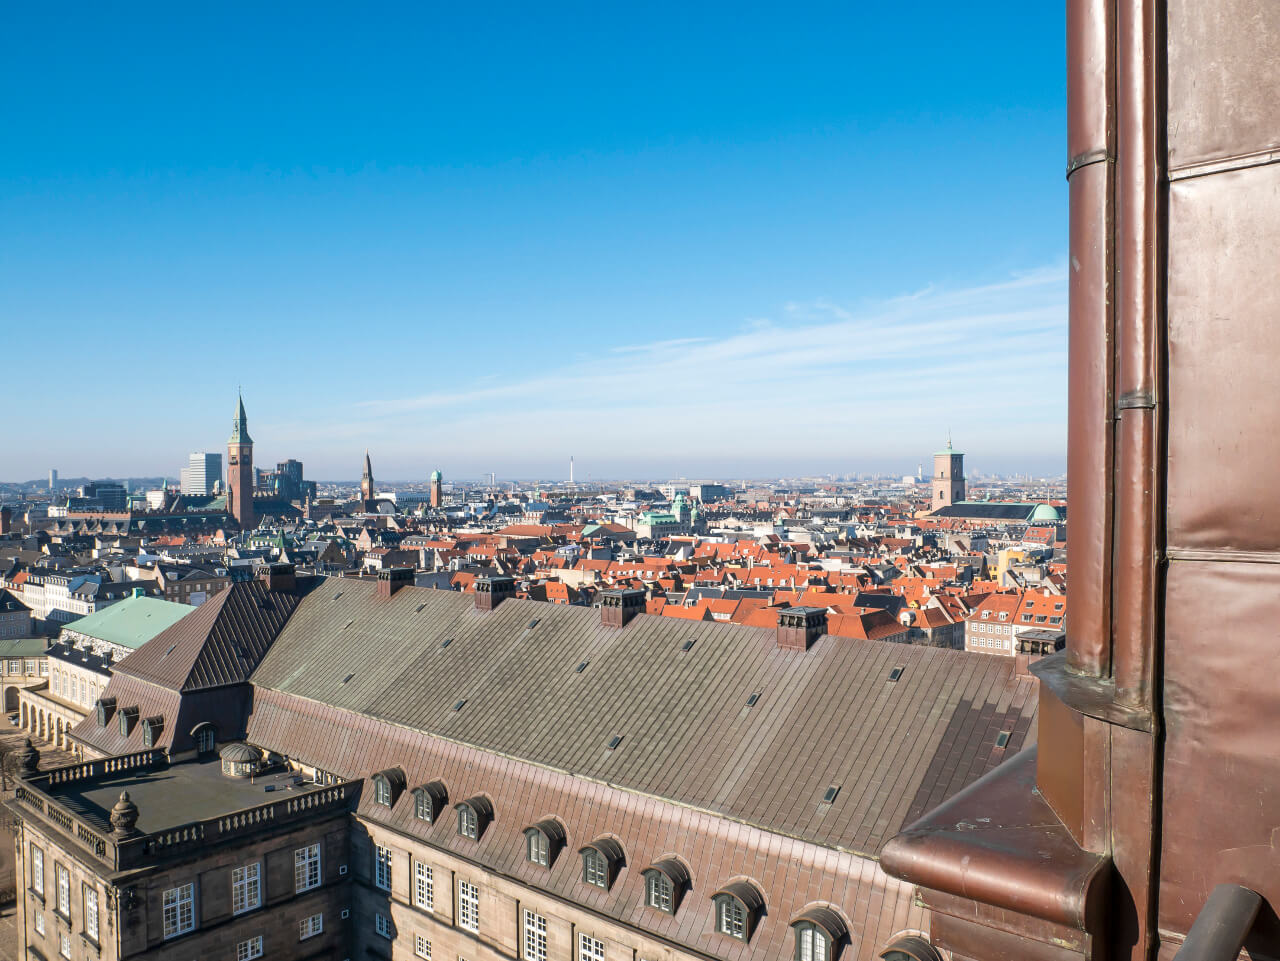 Widok na Kopenhagę z punktu widokowego